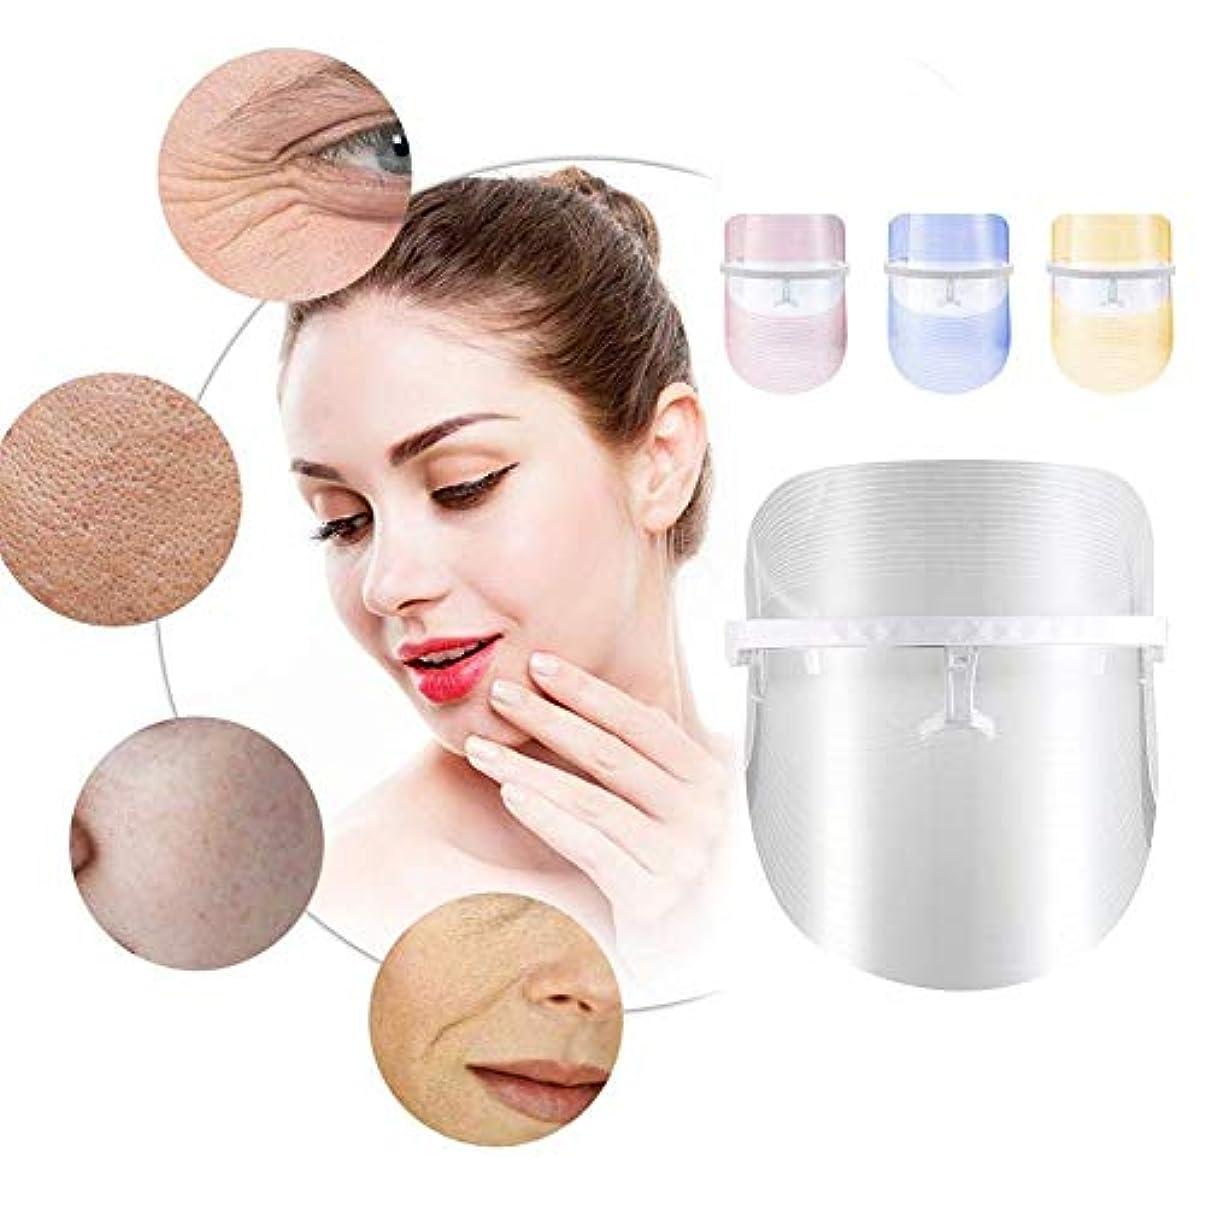 バター安価な物足りない3色LEDフェイシャルマスク美容器具光線療法赤青とオレンジの光の収縮孔は顔ケアツールを若返らせる